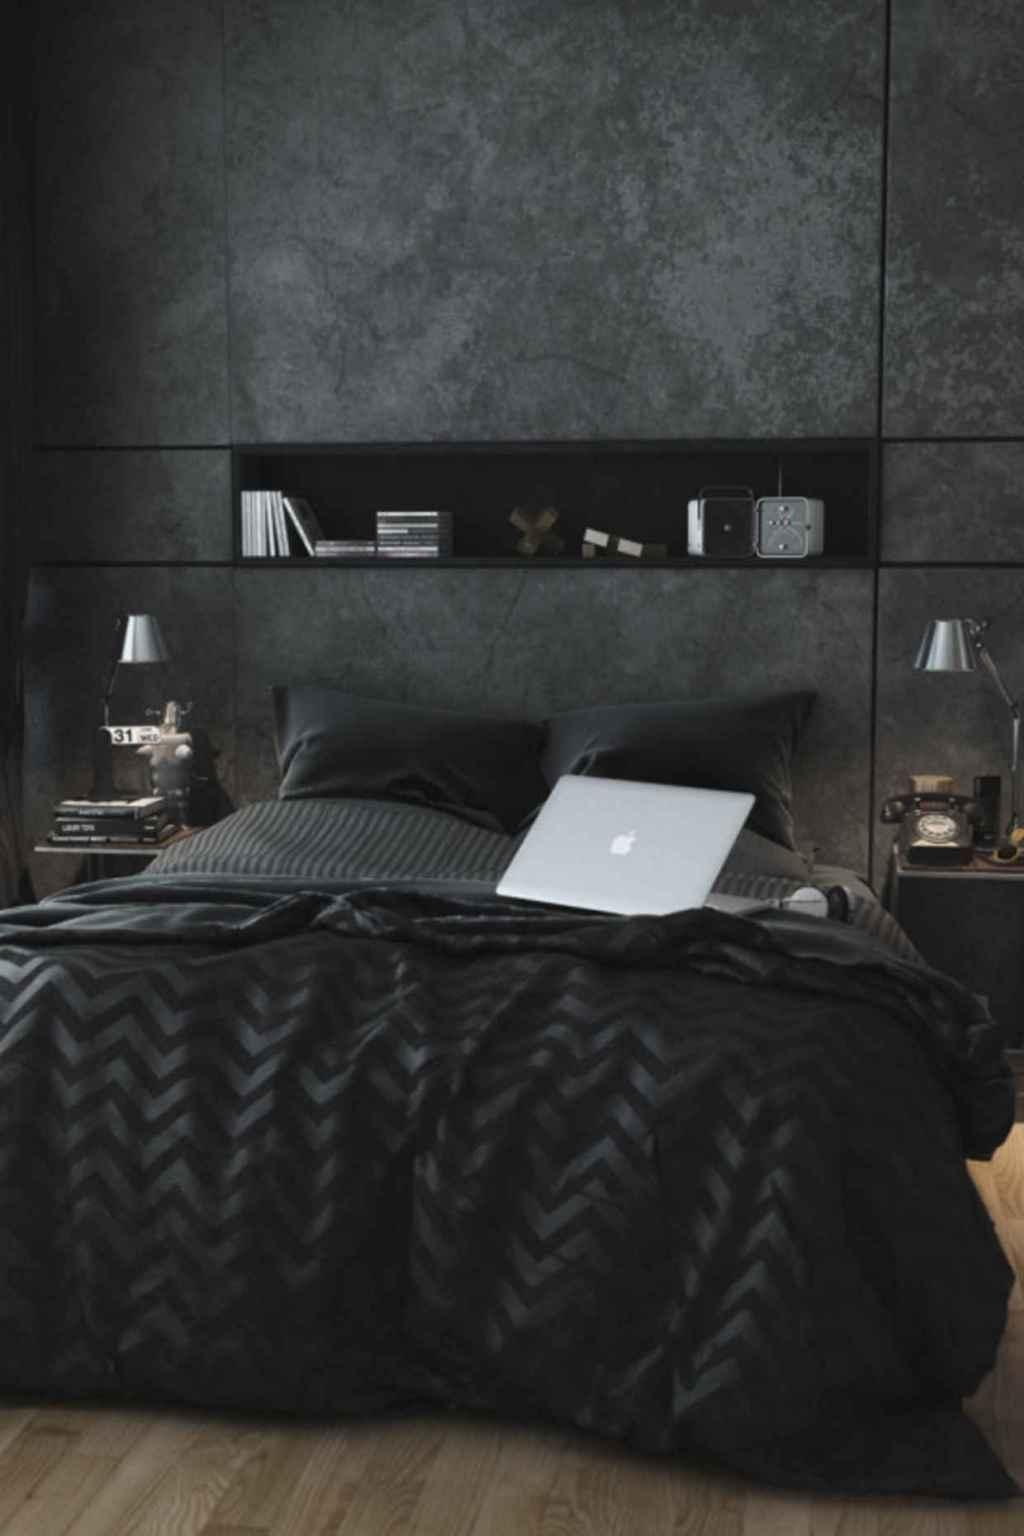 Schwarzes Schlafzimmer 60 Fotos Und Farbe Die Spitzen Verziert Neu Dekoration Stile Schlafzimmer Design Mannliches Schlafzimmer Innenarchitektur